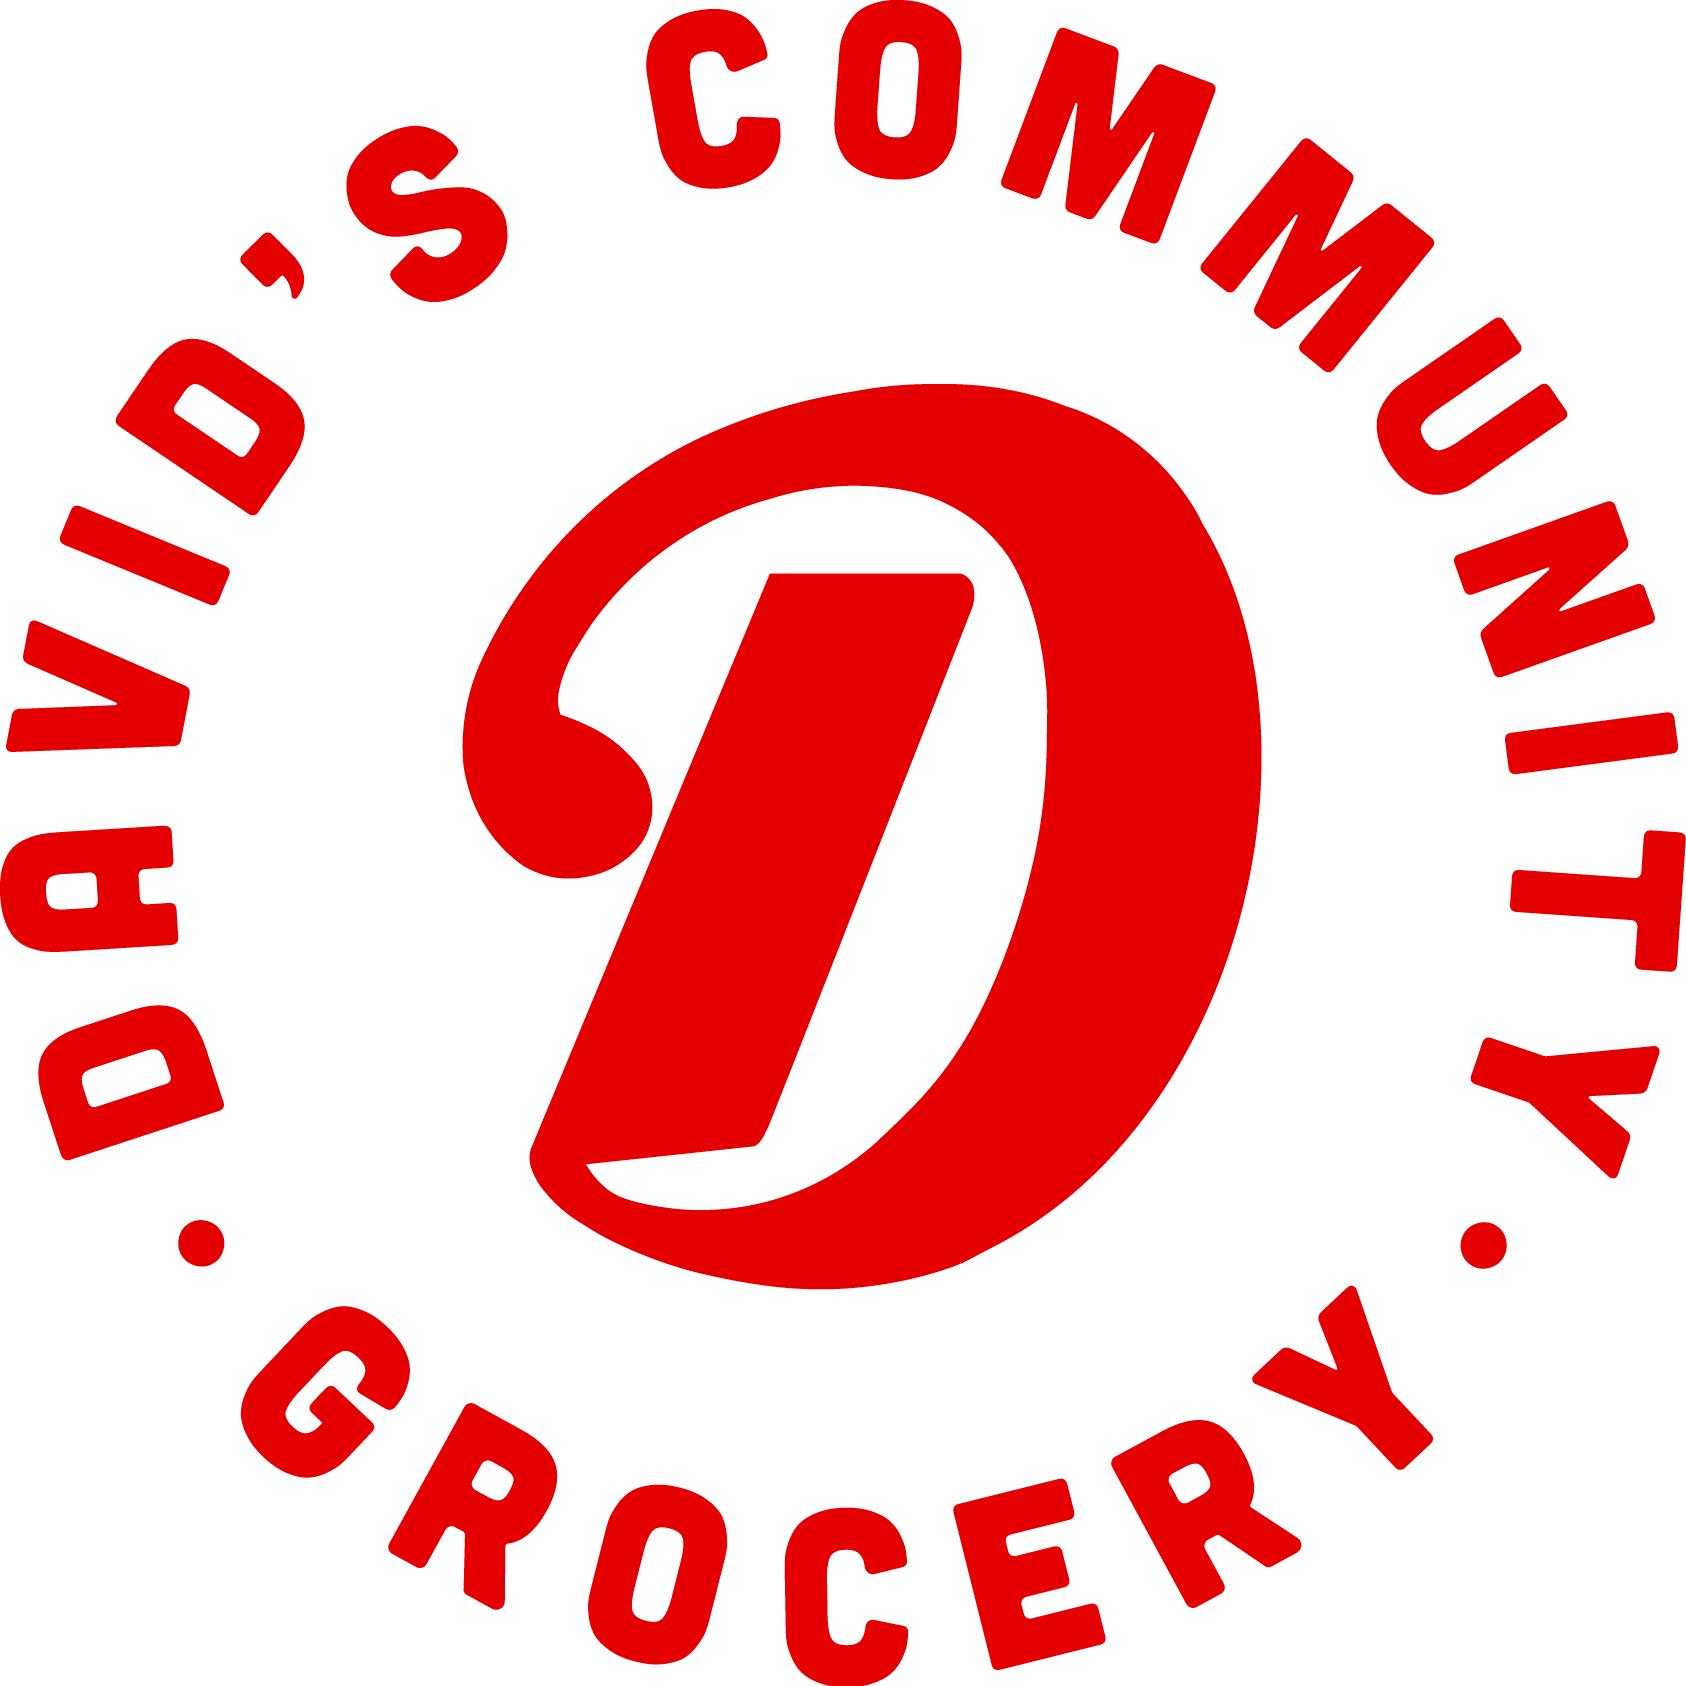 Davids - CLOSED